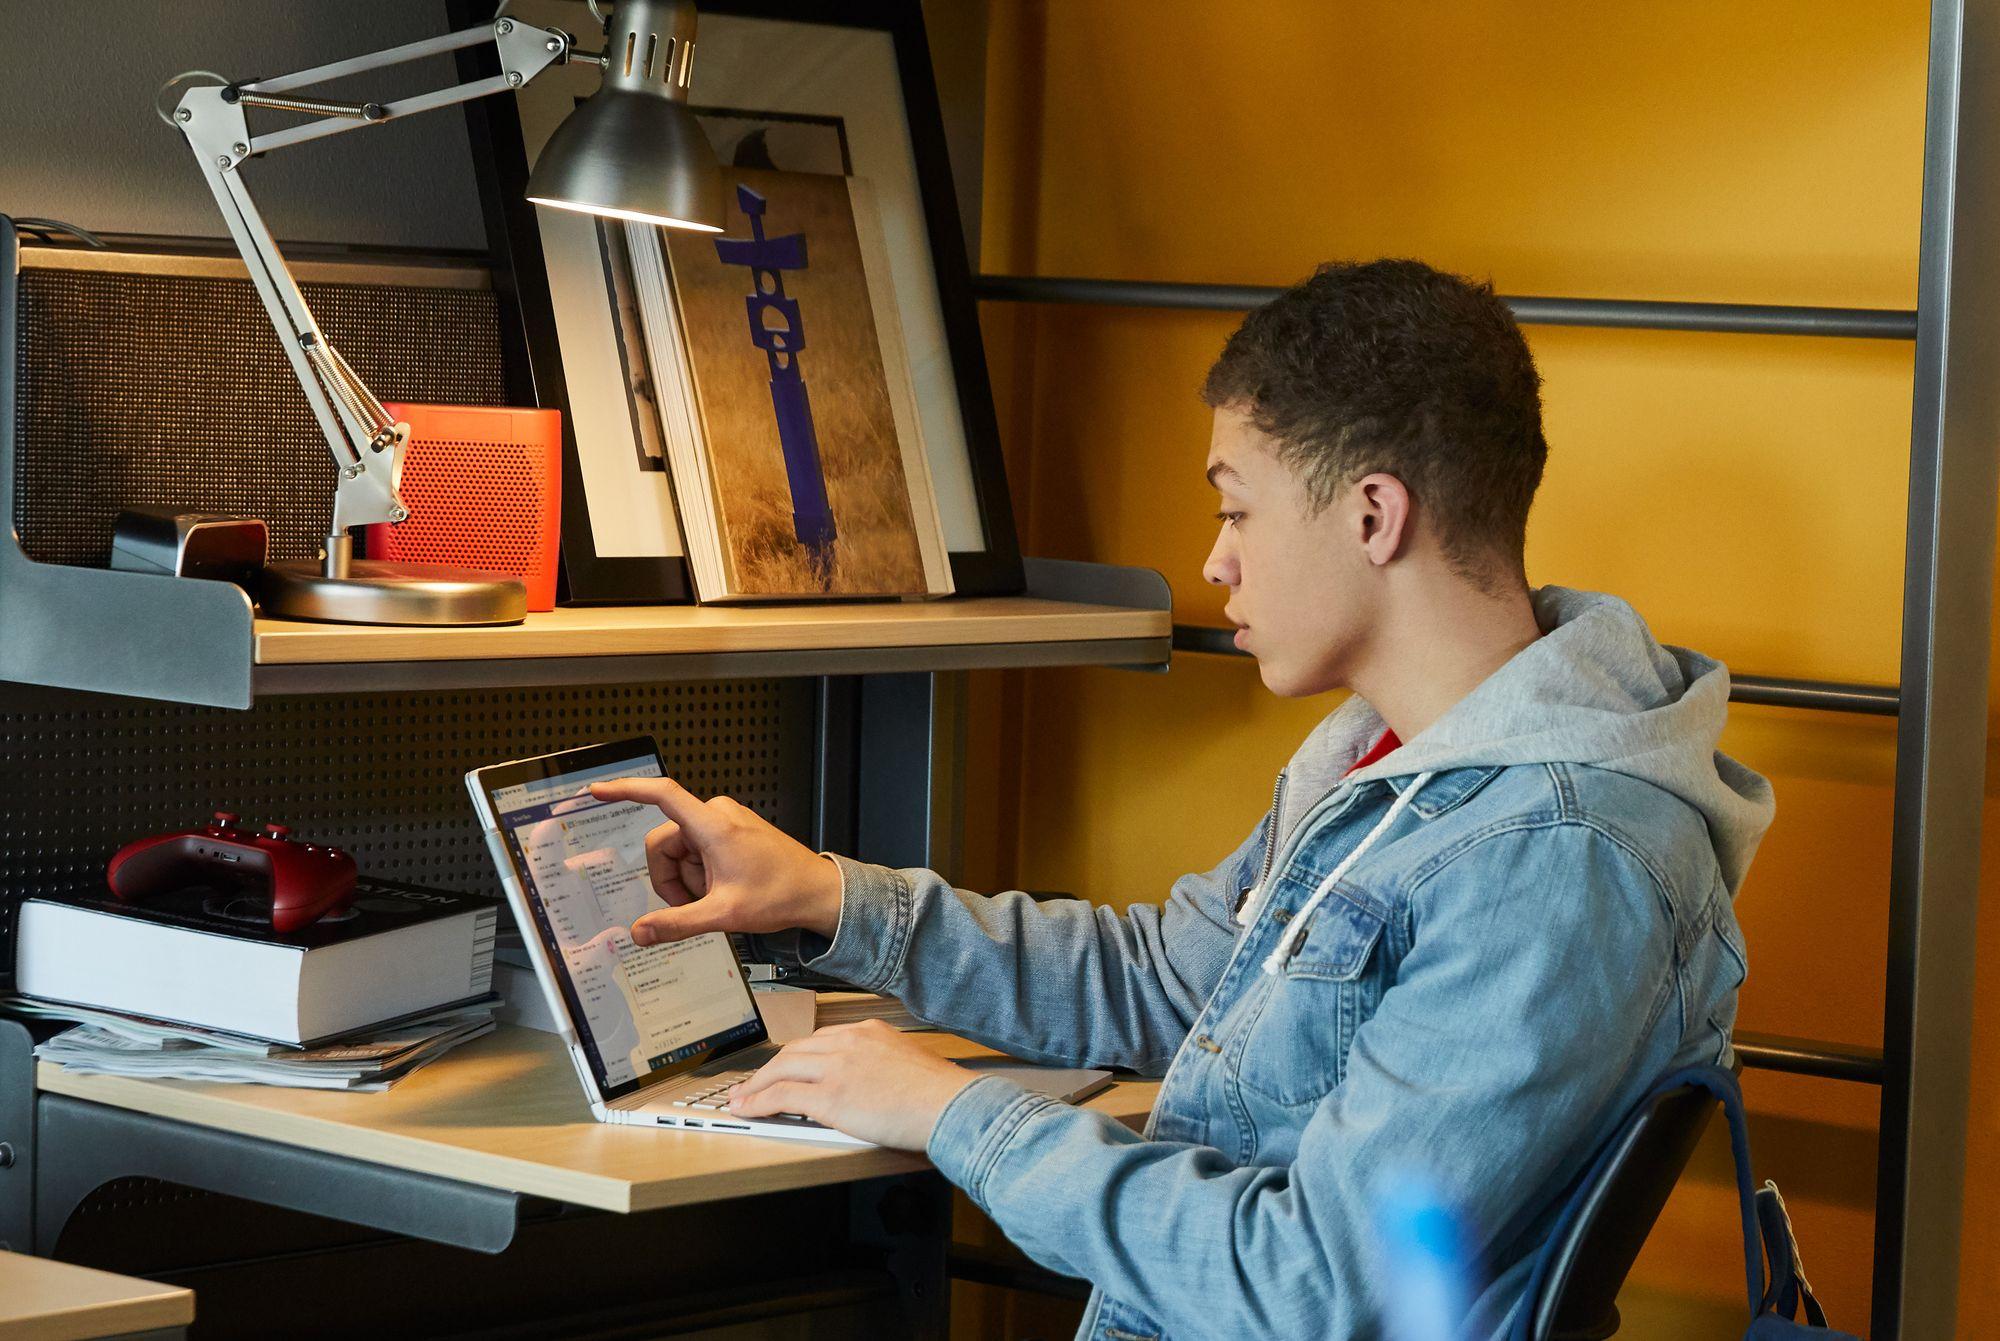 Eine Person sitzt an einem Schreibtisch und arbeitet an einem Surface Book.